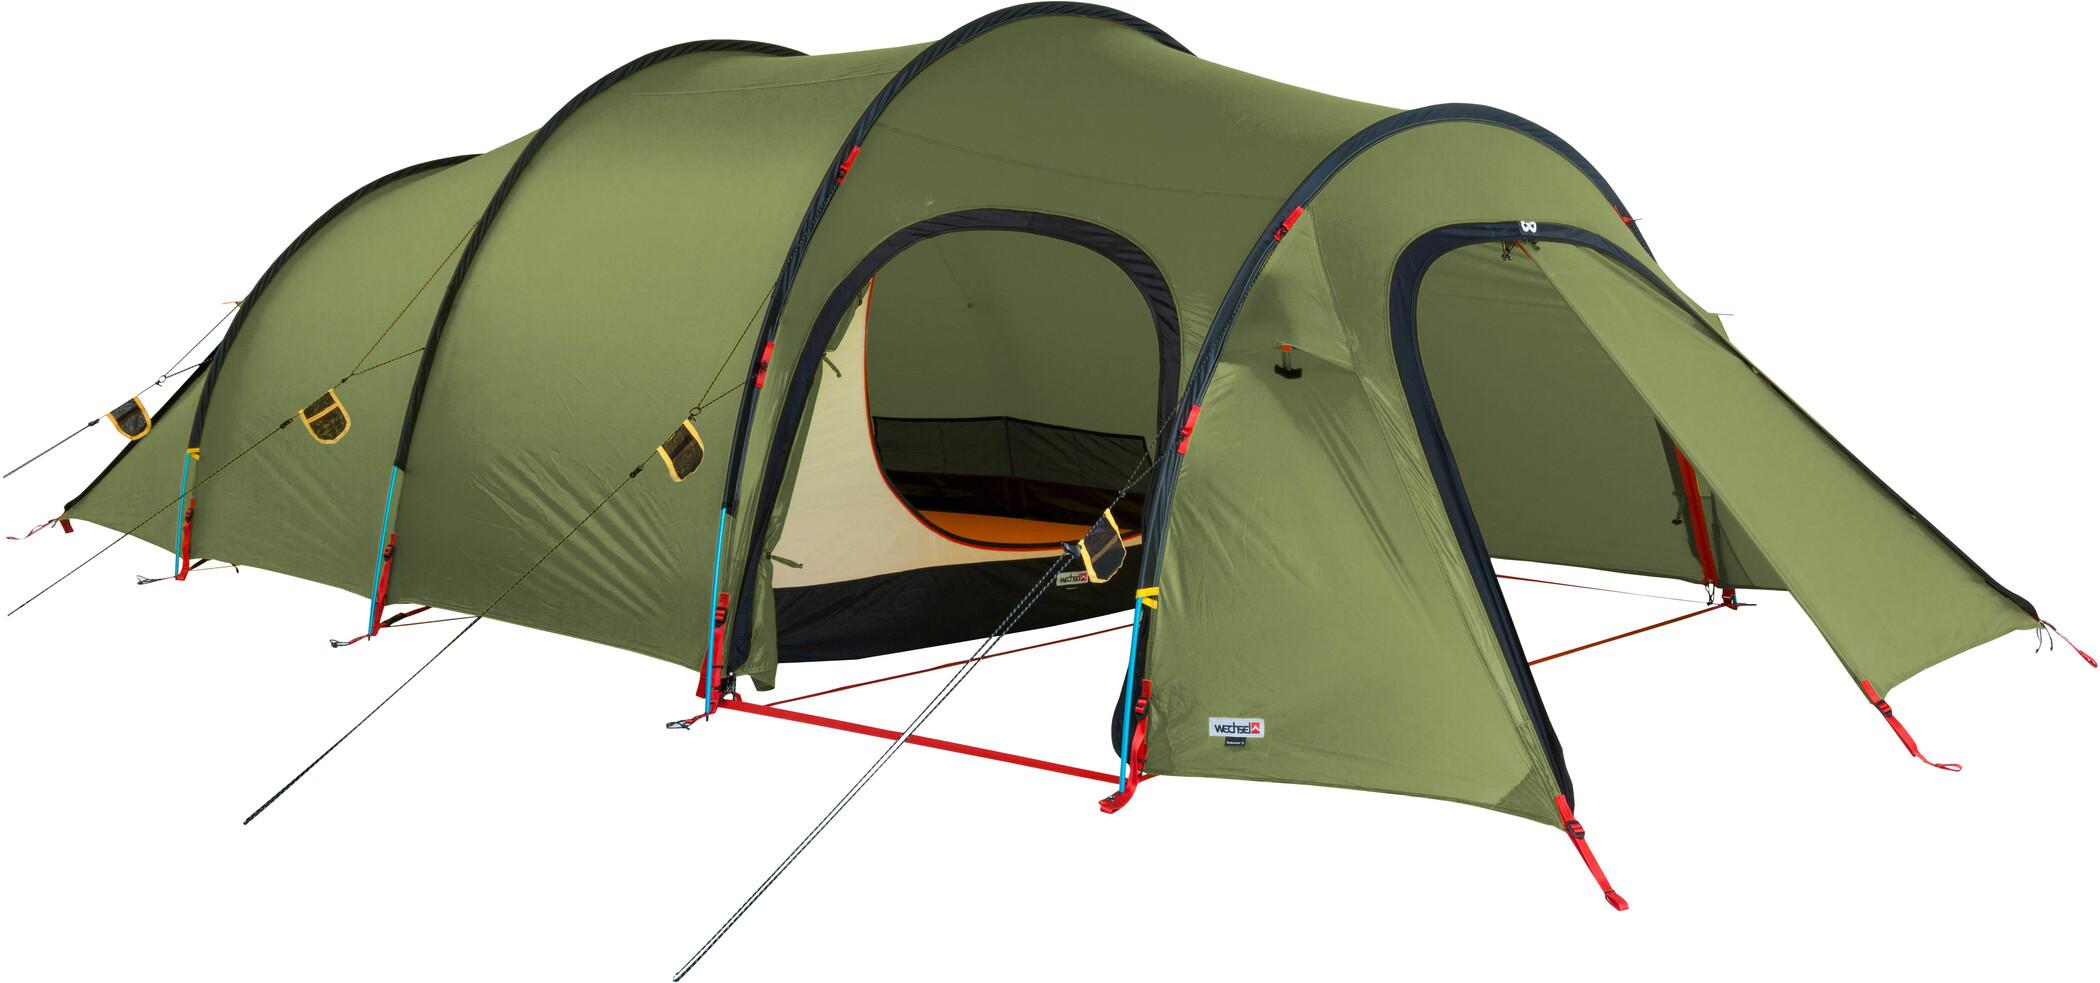 Wechsel Zelte Shop | Zelt günstig kaufen